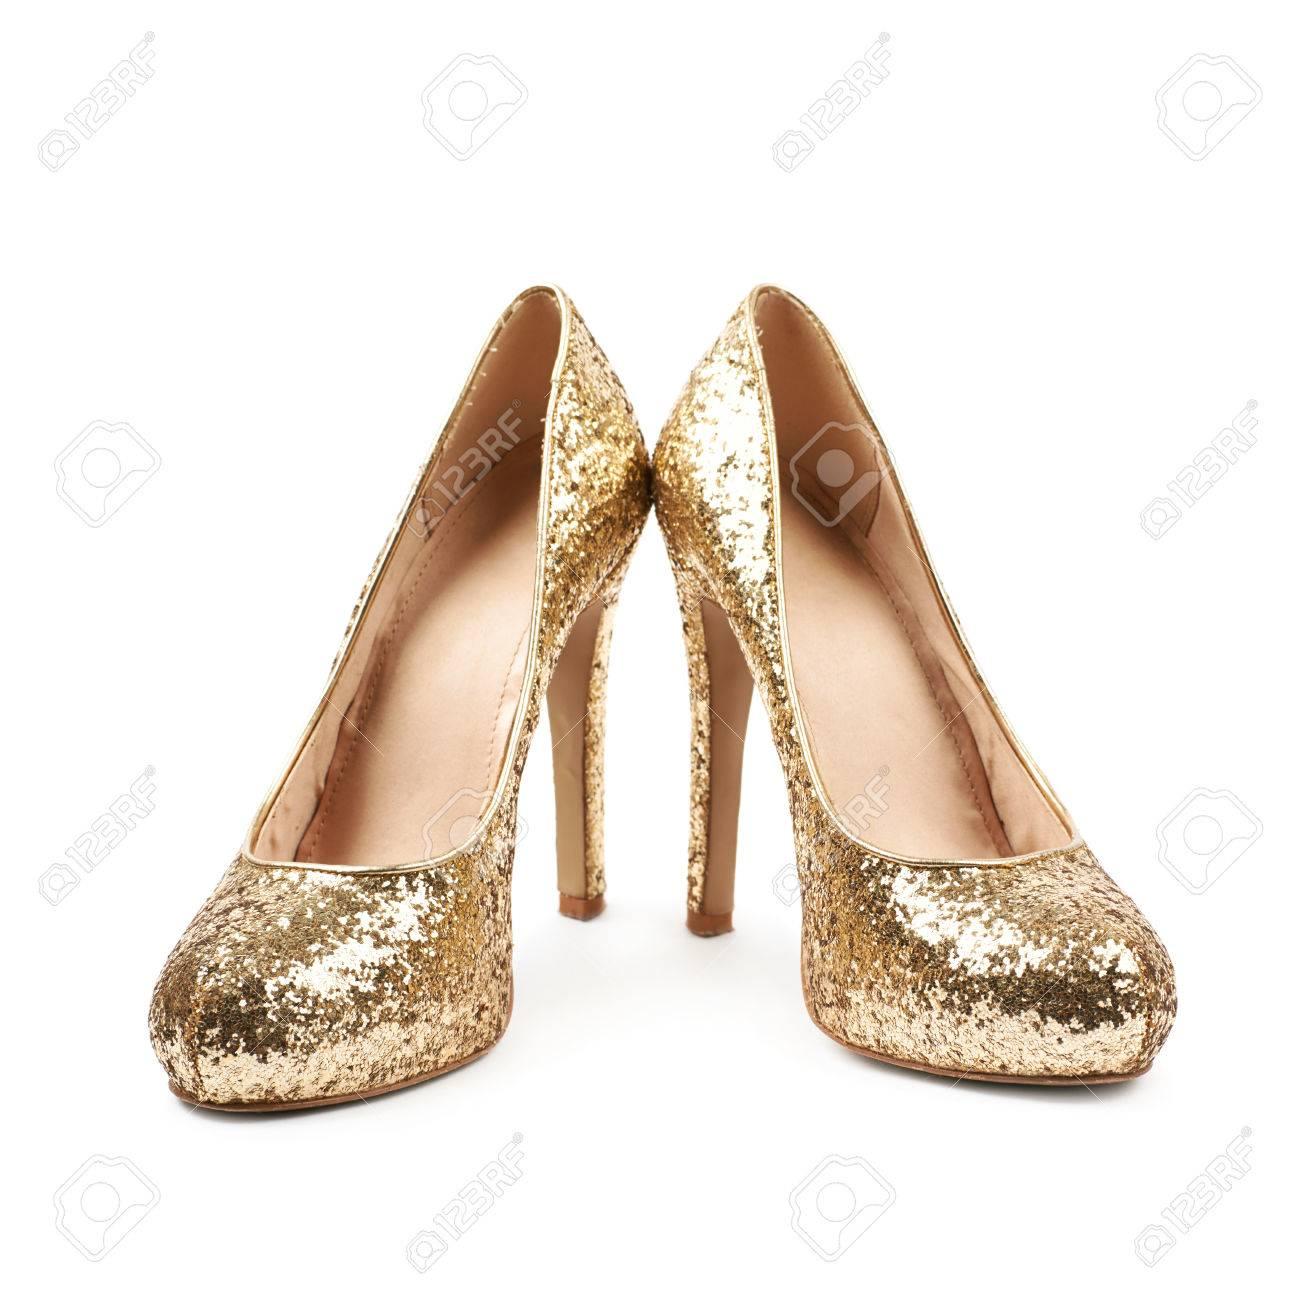 hakken schoenen